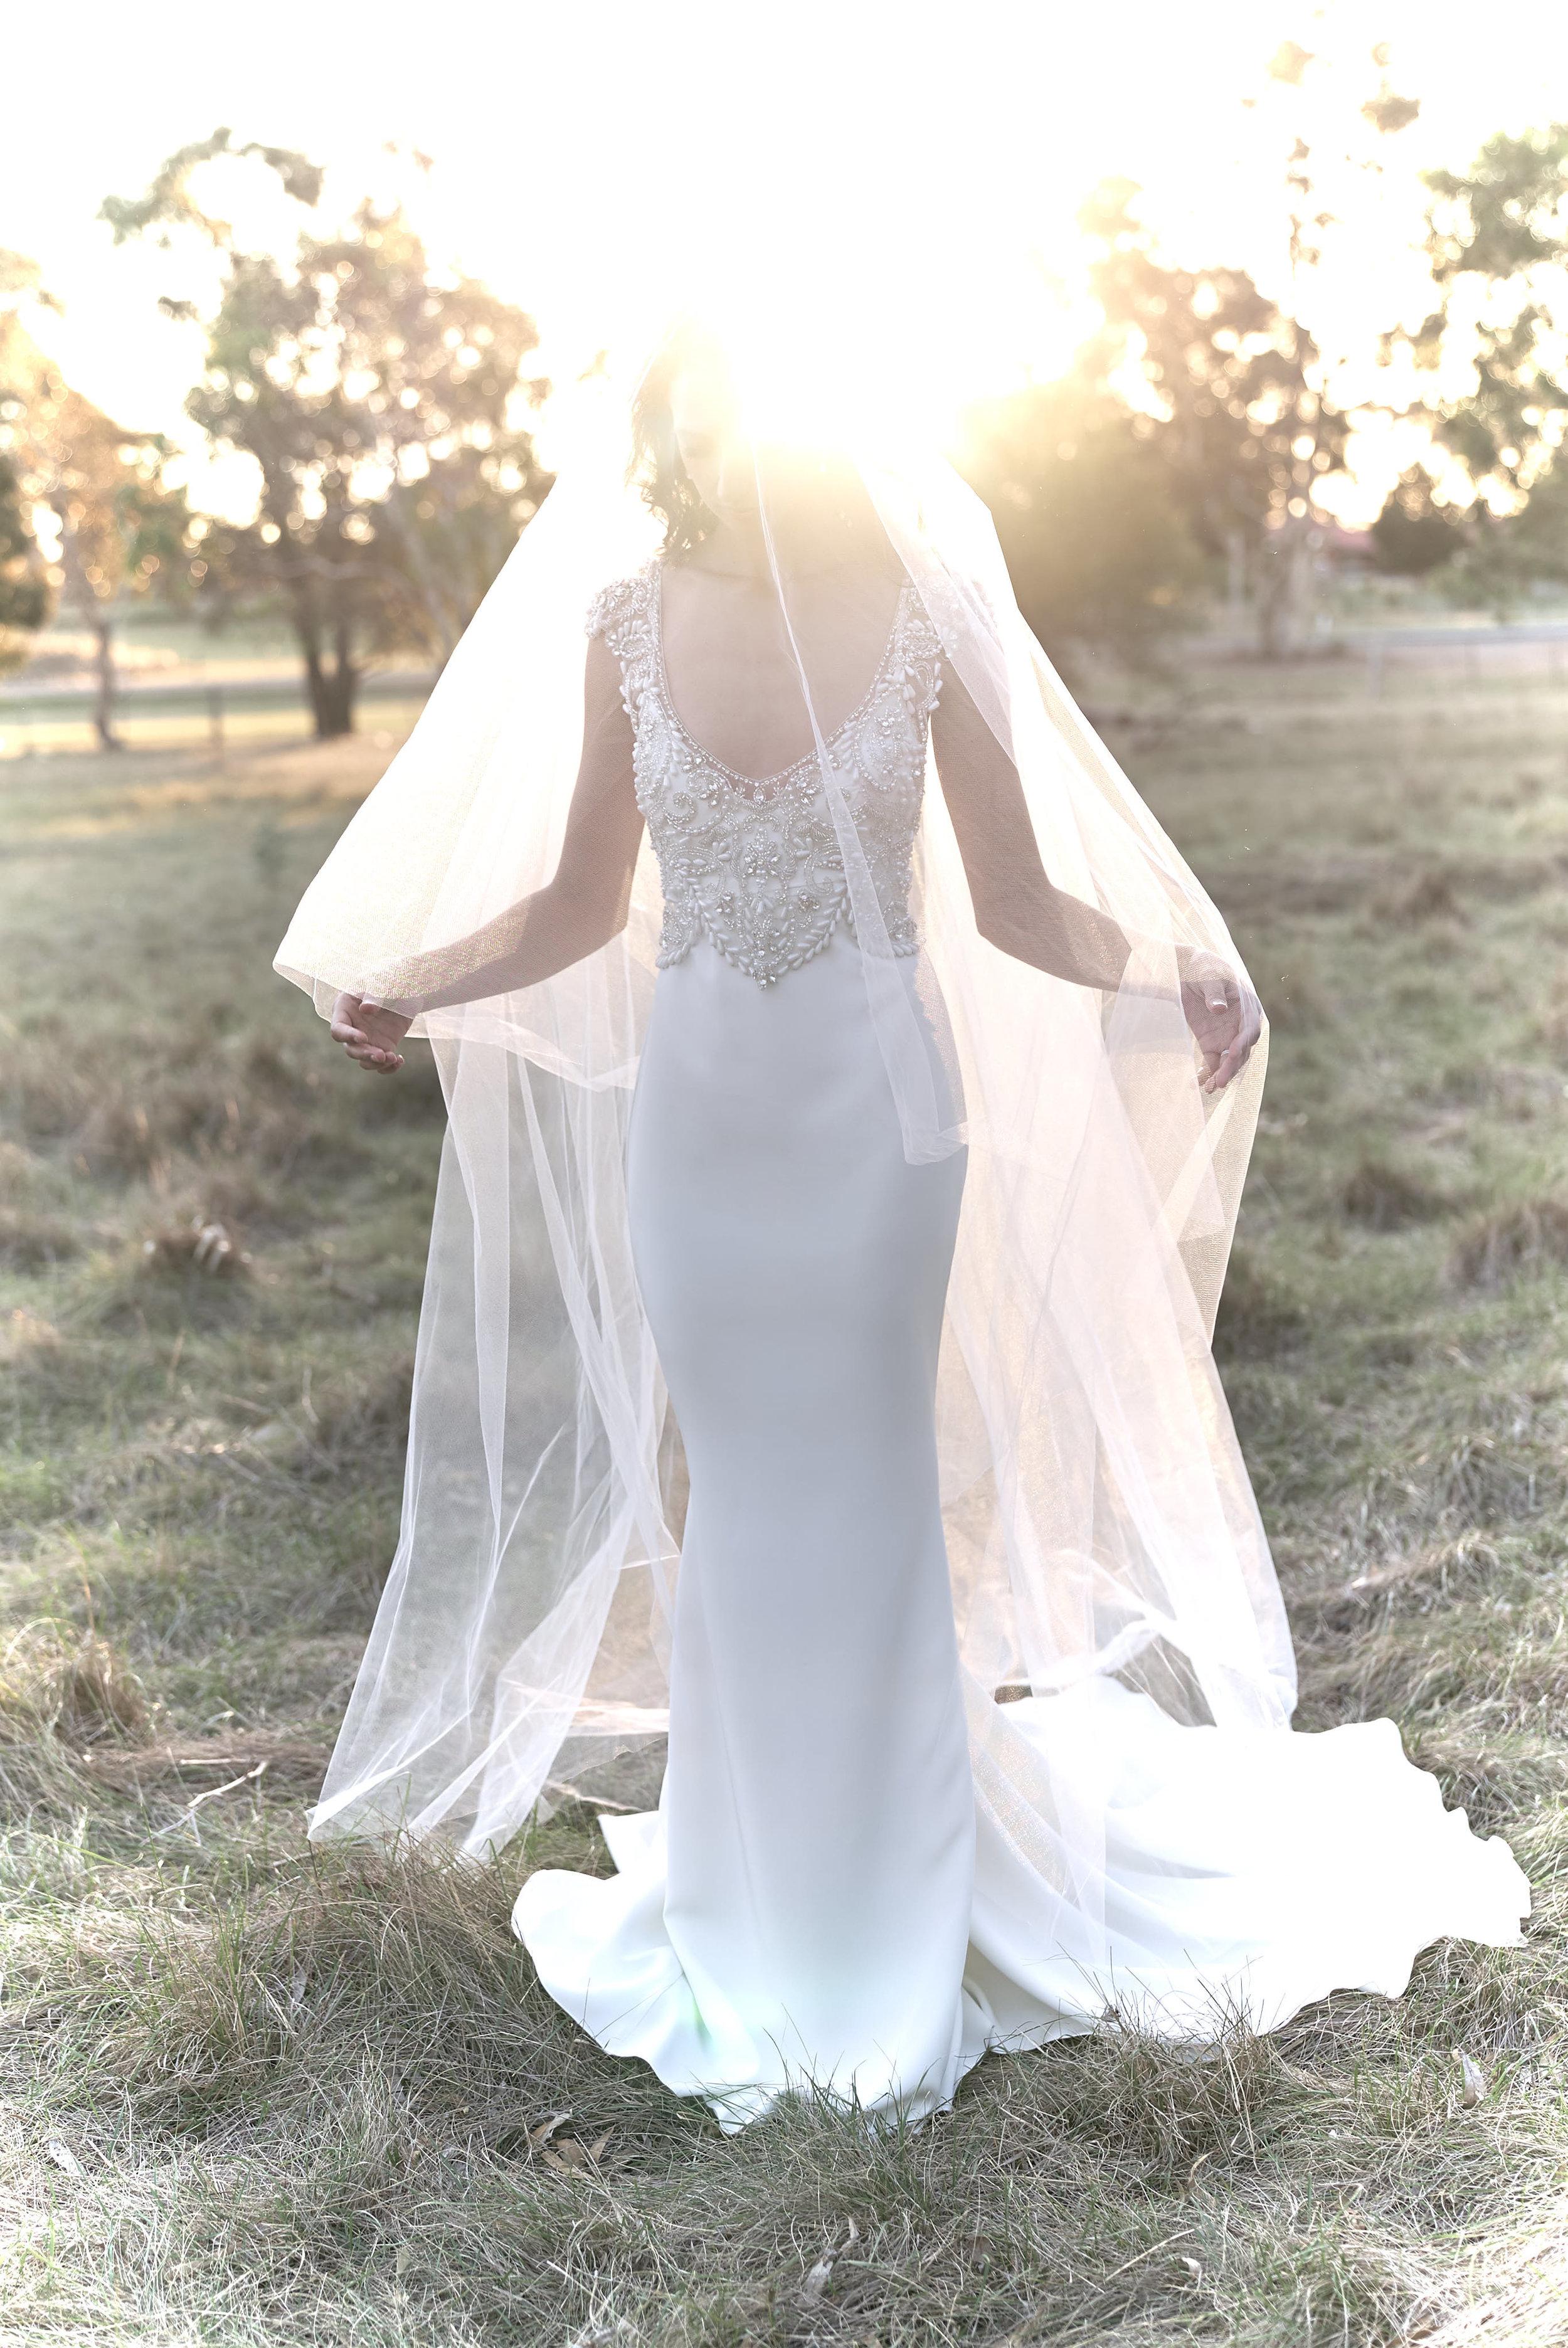 Anna Campbell Bridal | Raine Dress | Embellished vintage-inspired wedding dress